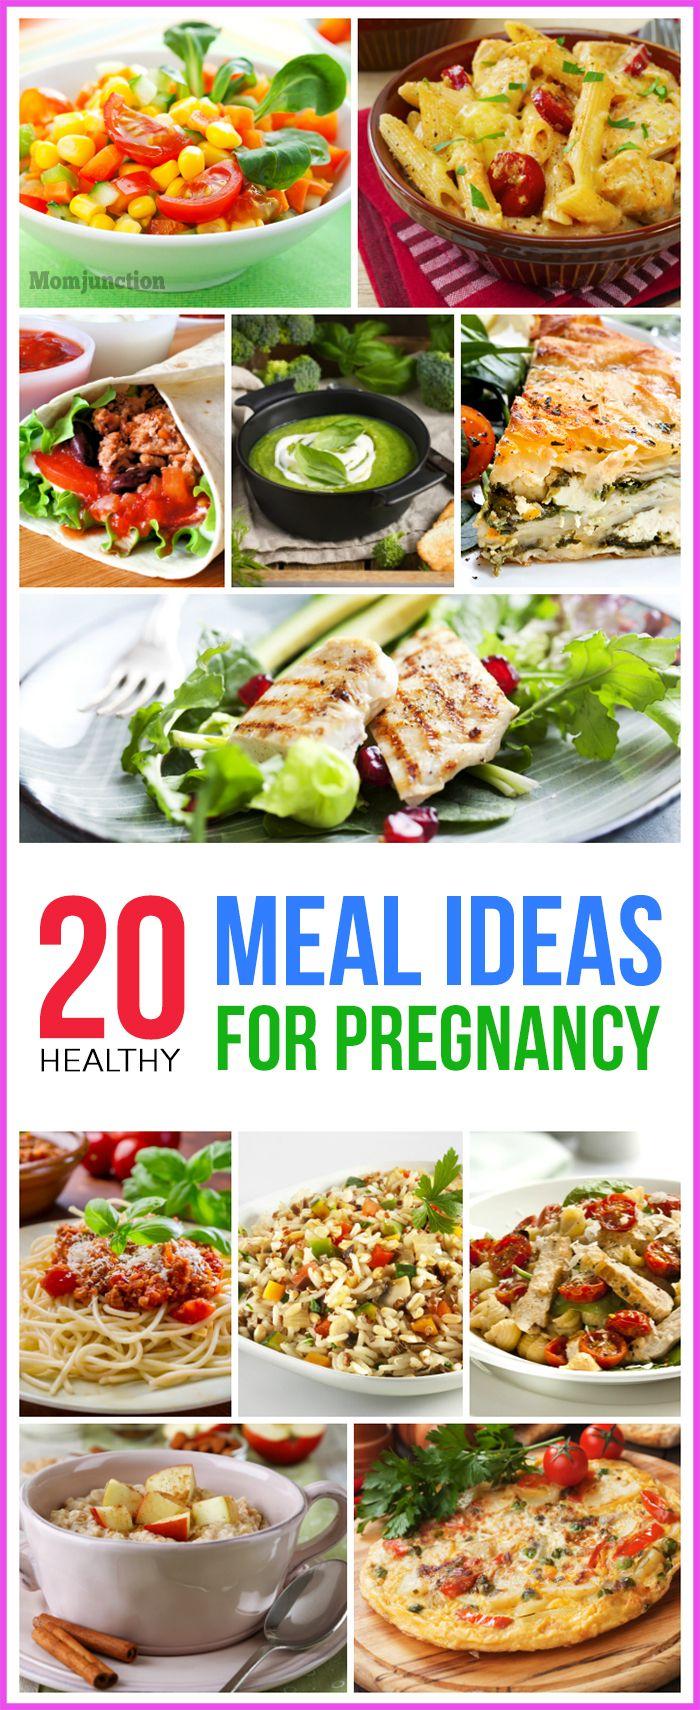 19 pregnancy diet meals ideas